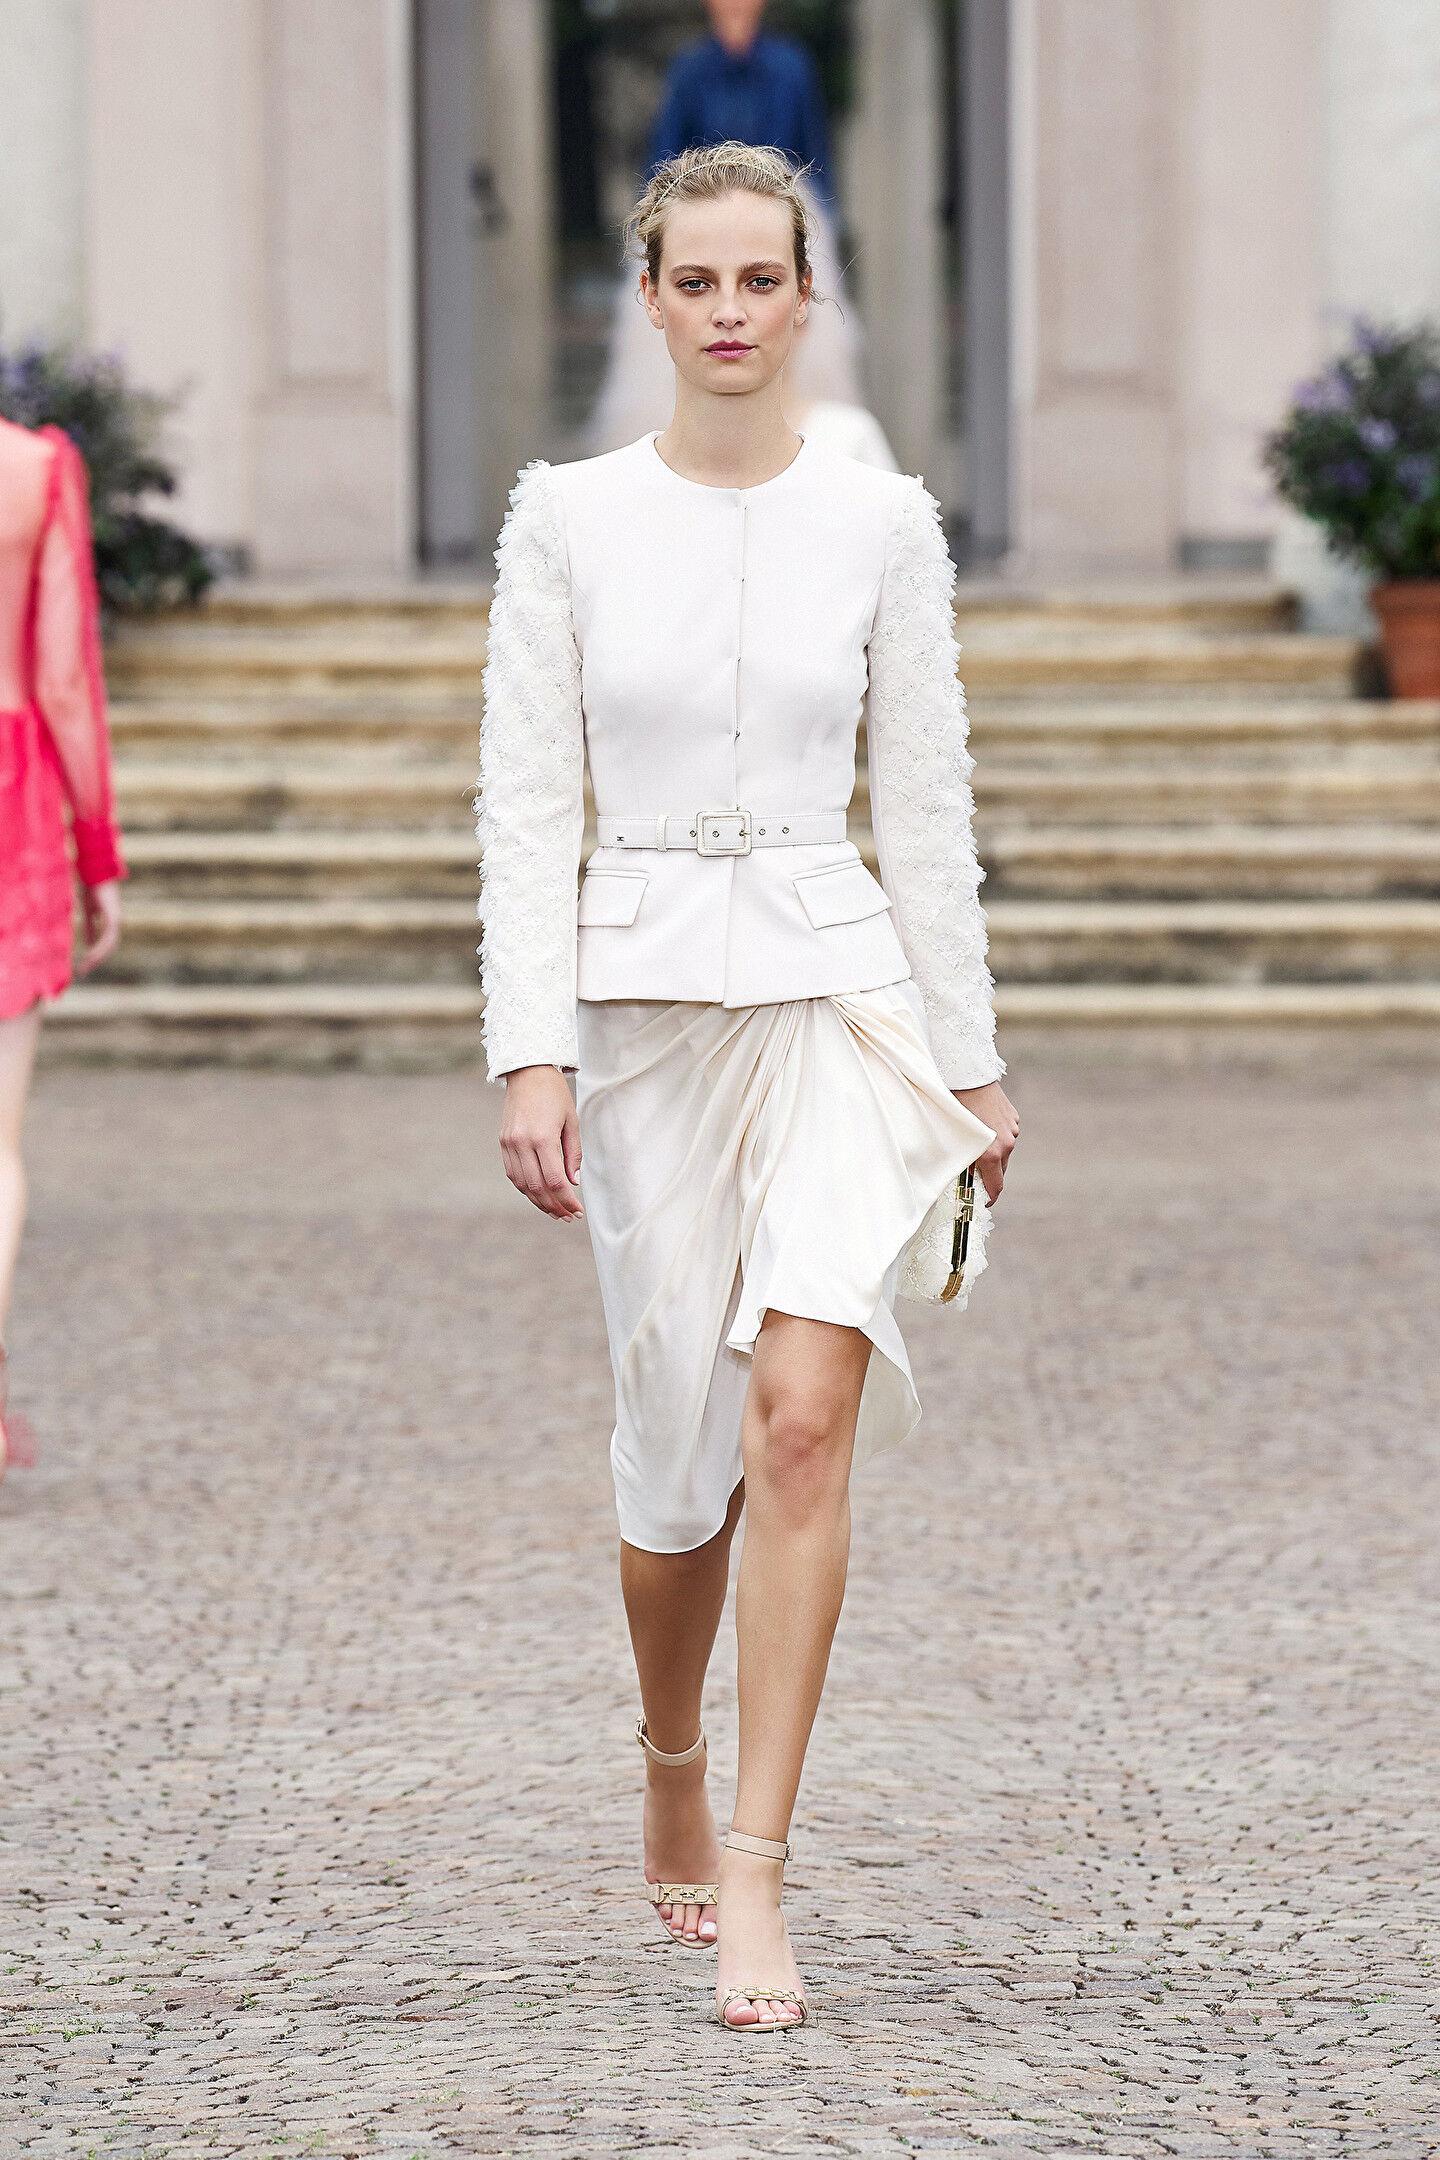 Silk Skirt With Rouches - Elisabetta Franchi